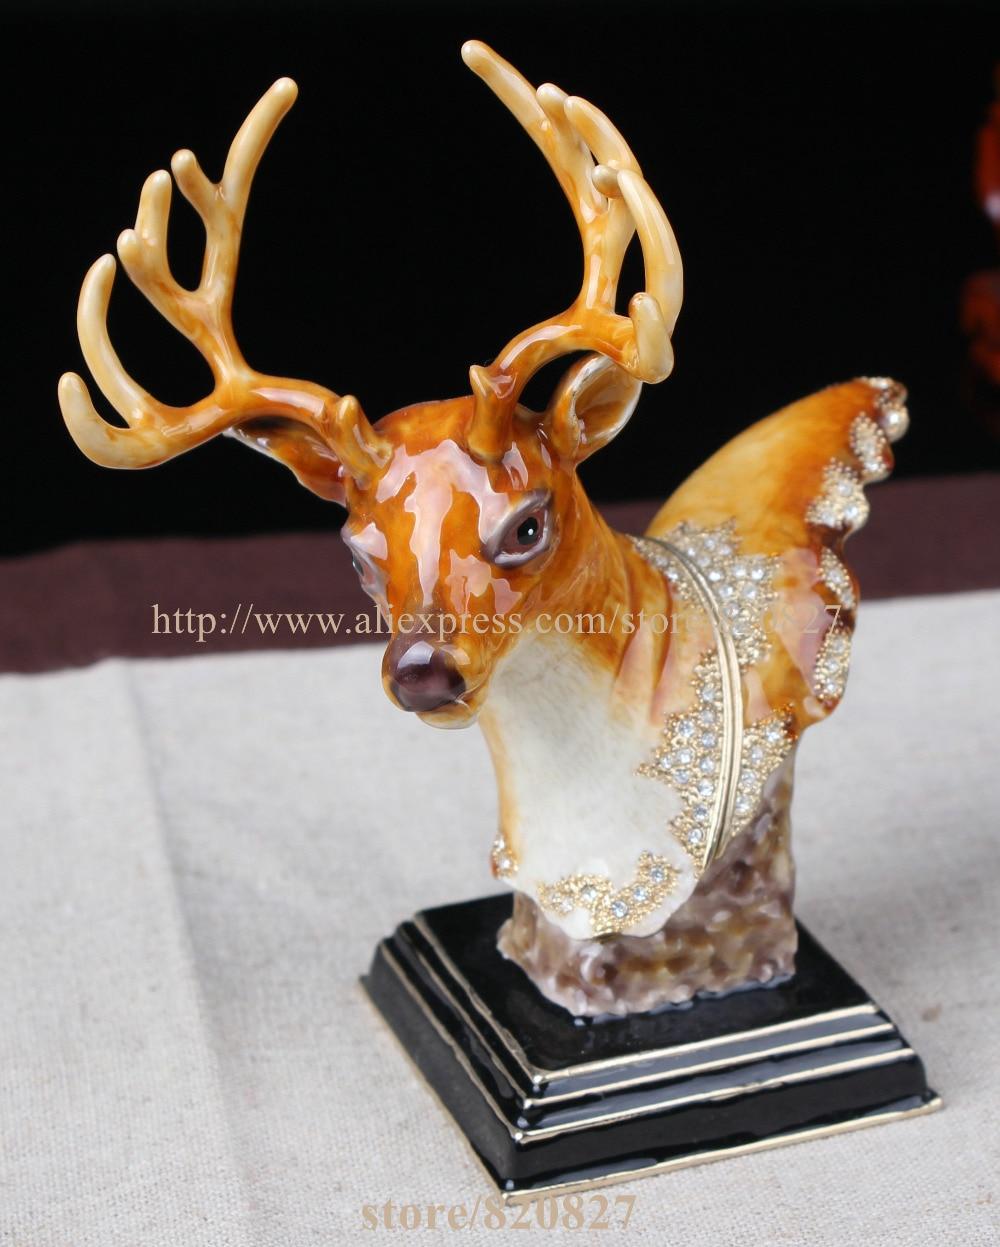 Metal Deer Figurine Display Standing Vintage Buck Deer Decor Deer Head Storage Box Pill Box Container Girl Deer deer embroidery tee